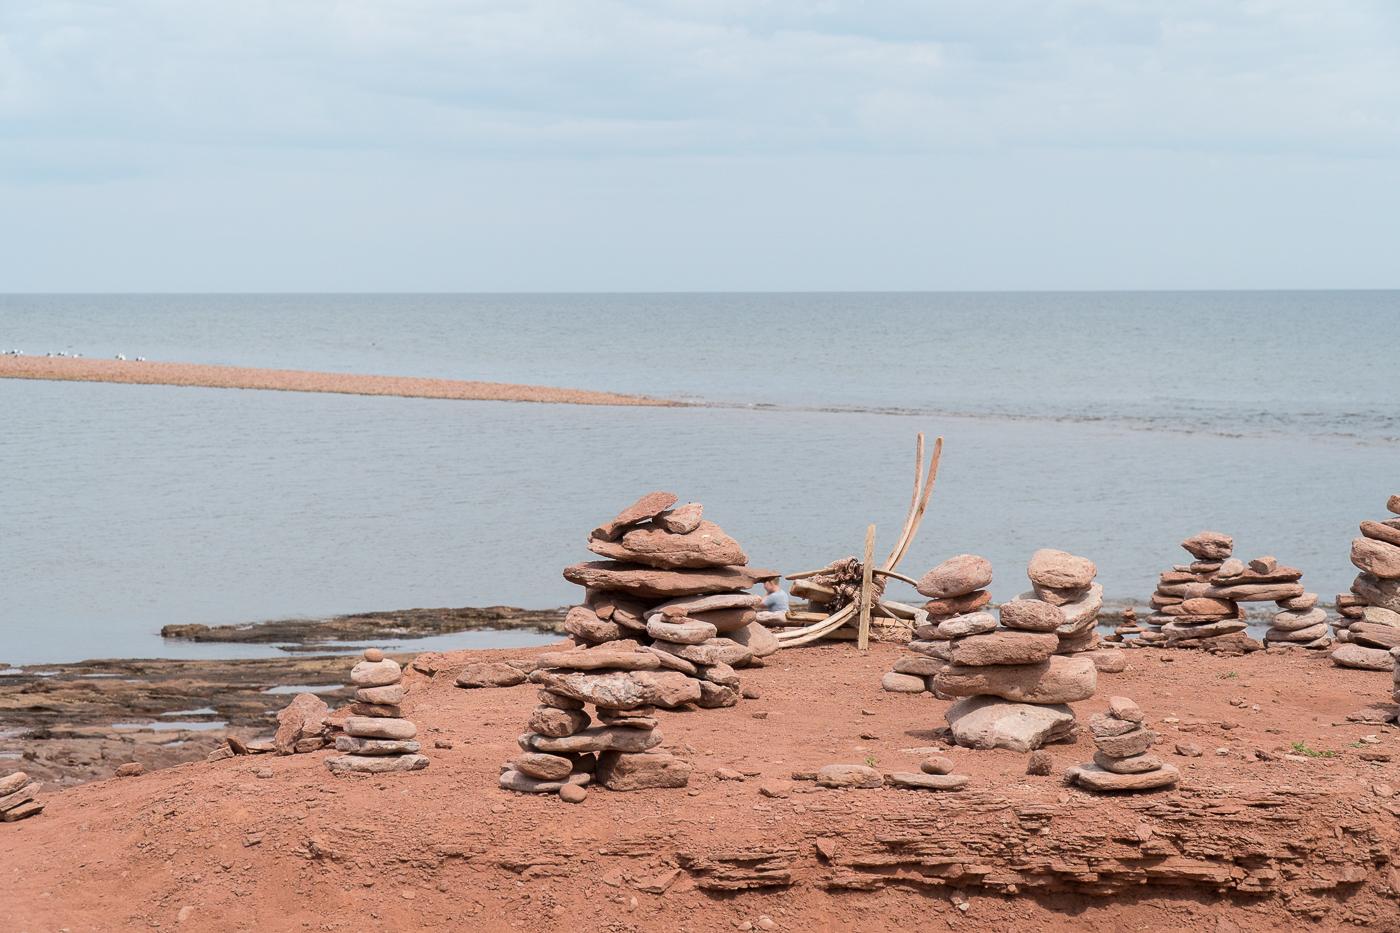 North Cape Interpretive Centre - Rencontre des marées